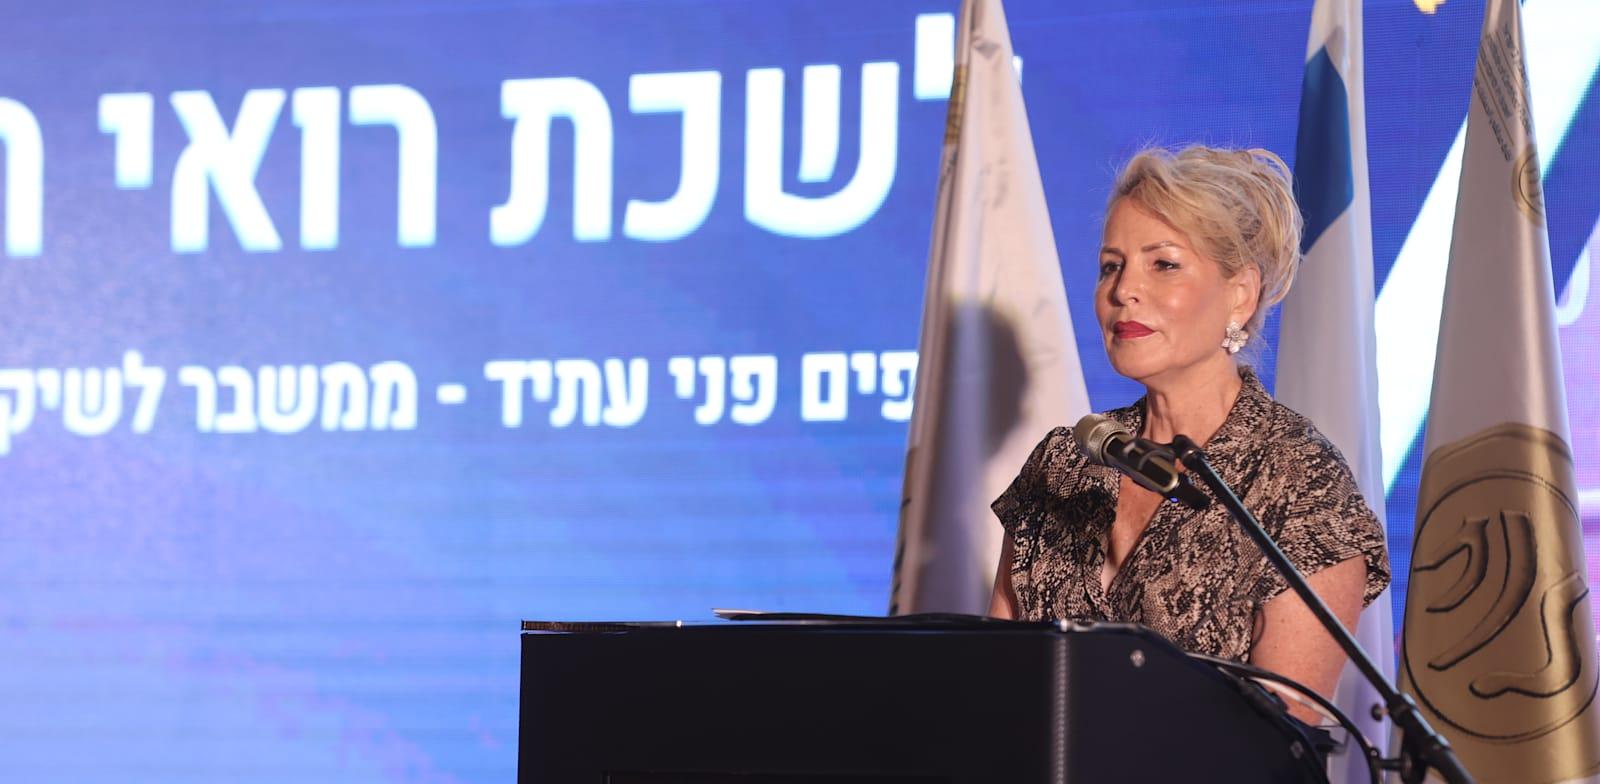 נשיאת לשכת רואי החשבון איריס שטארק / צילום: ניב קנטור